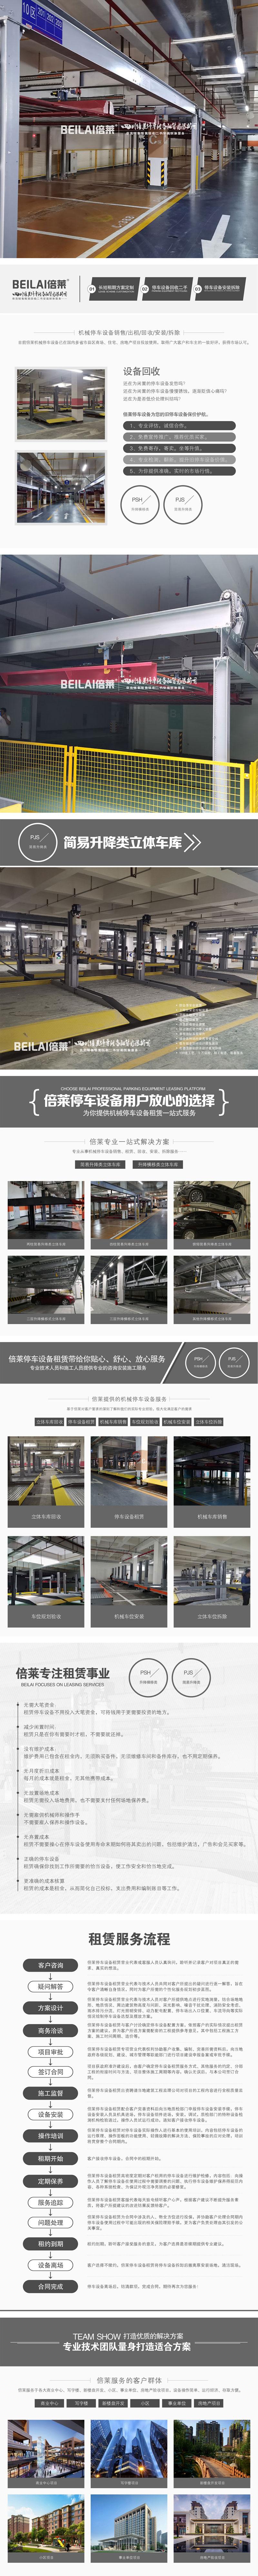 四川立體車庫設備二手南部立體車庫銷售倍萊機械立體車庫廠家